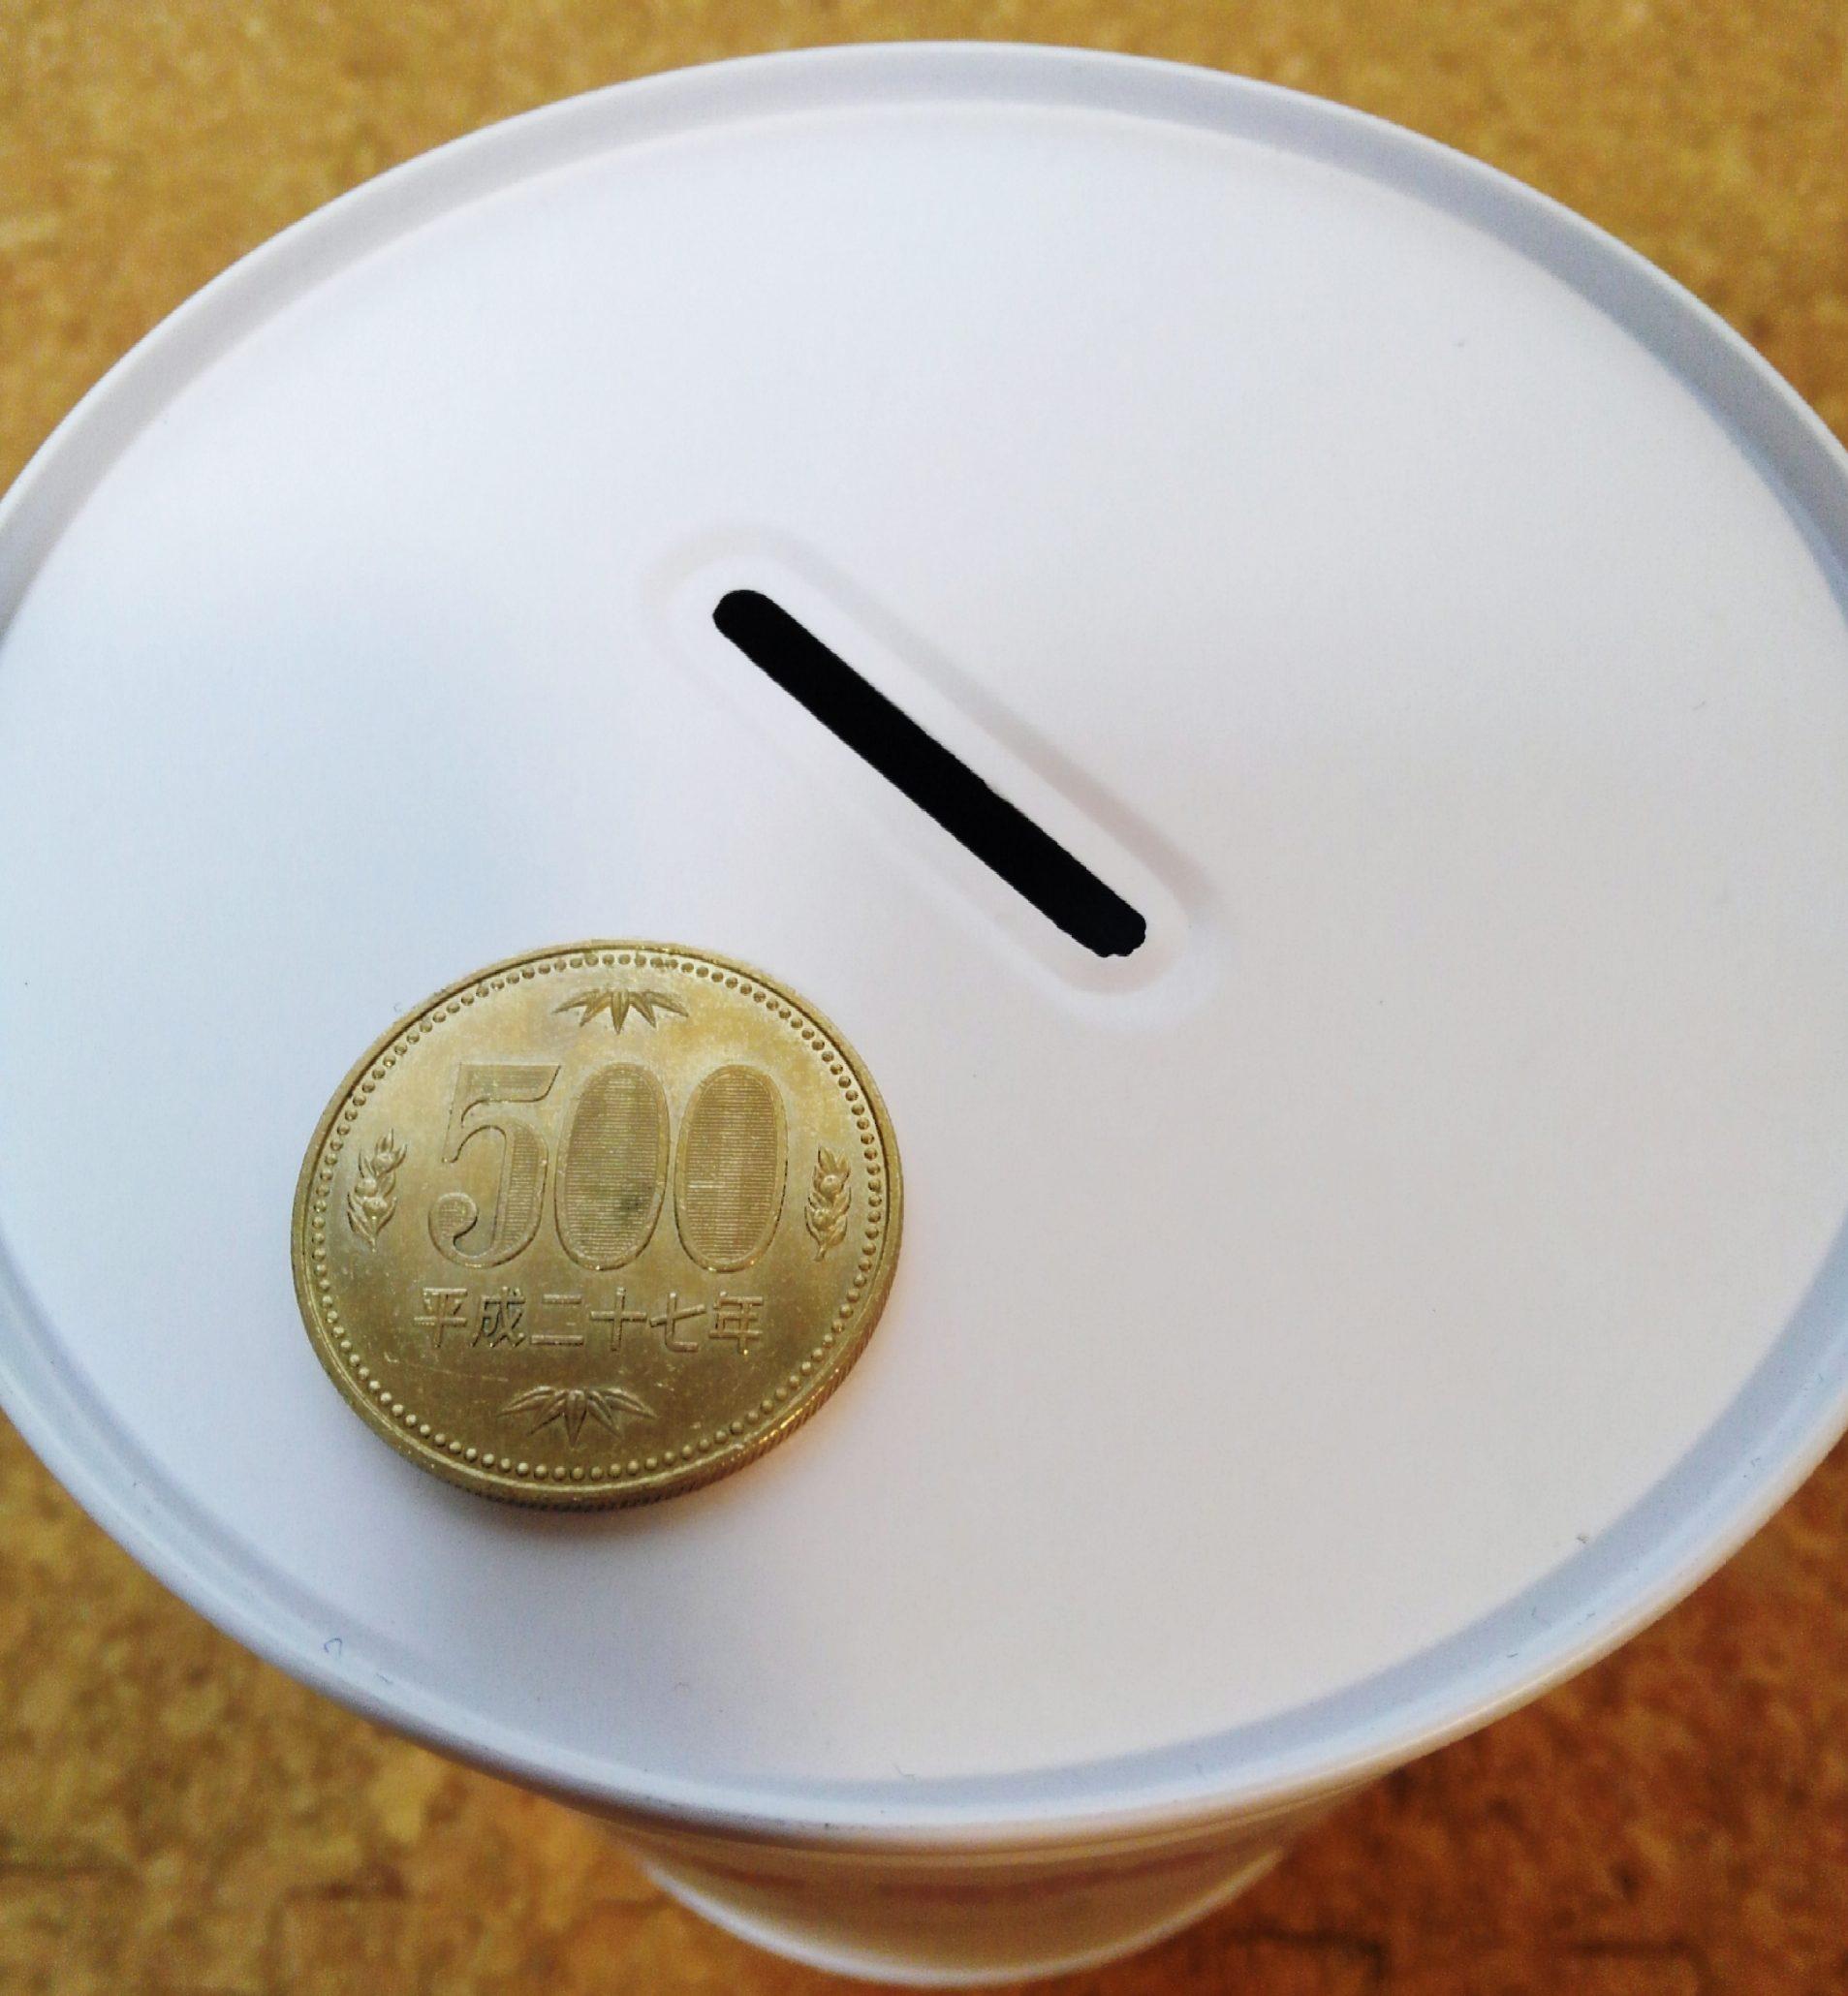 ダイソーのシンプル貯金箱で500円貯金